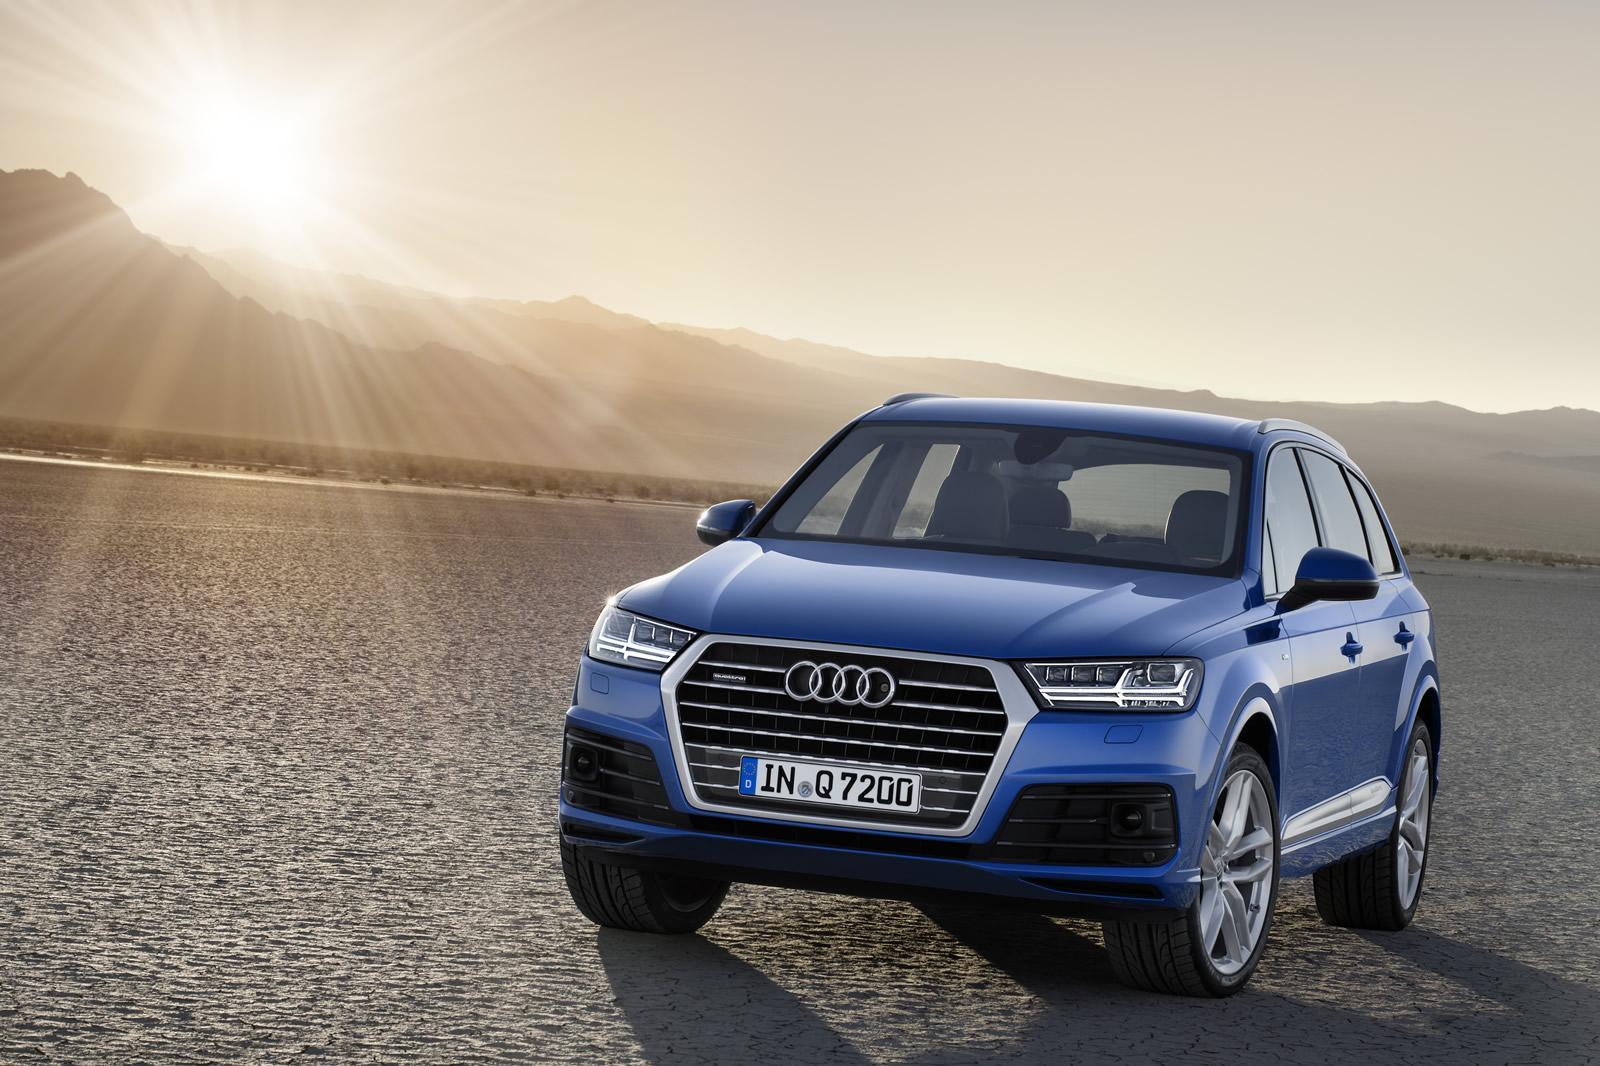 Новый Audi Q7: спортивный характер, передовые технологии, комфорт премиум-класса